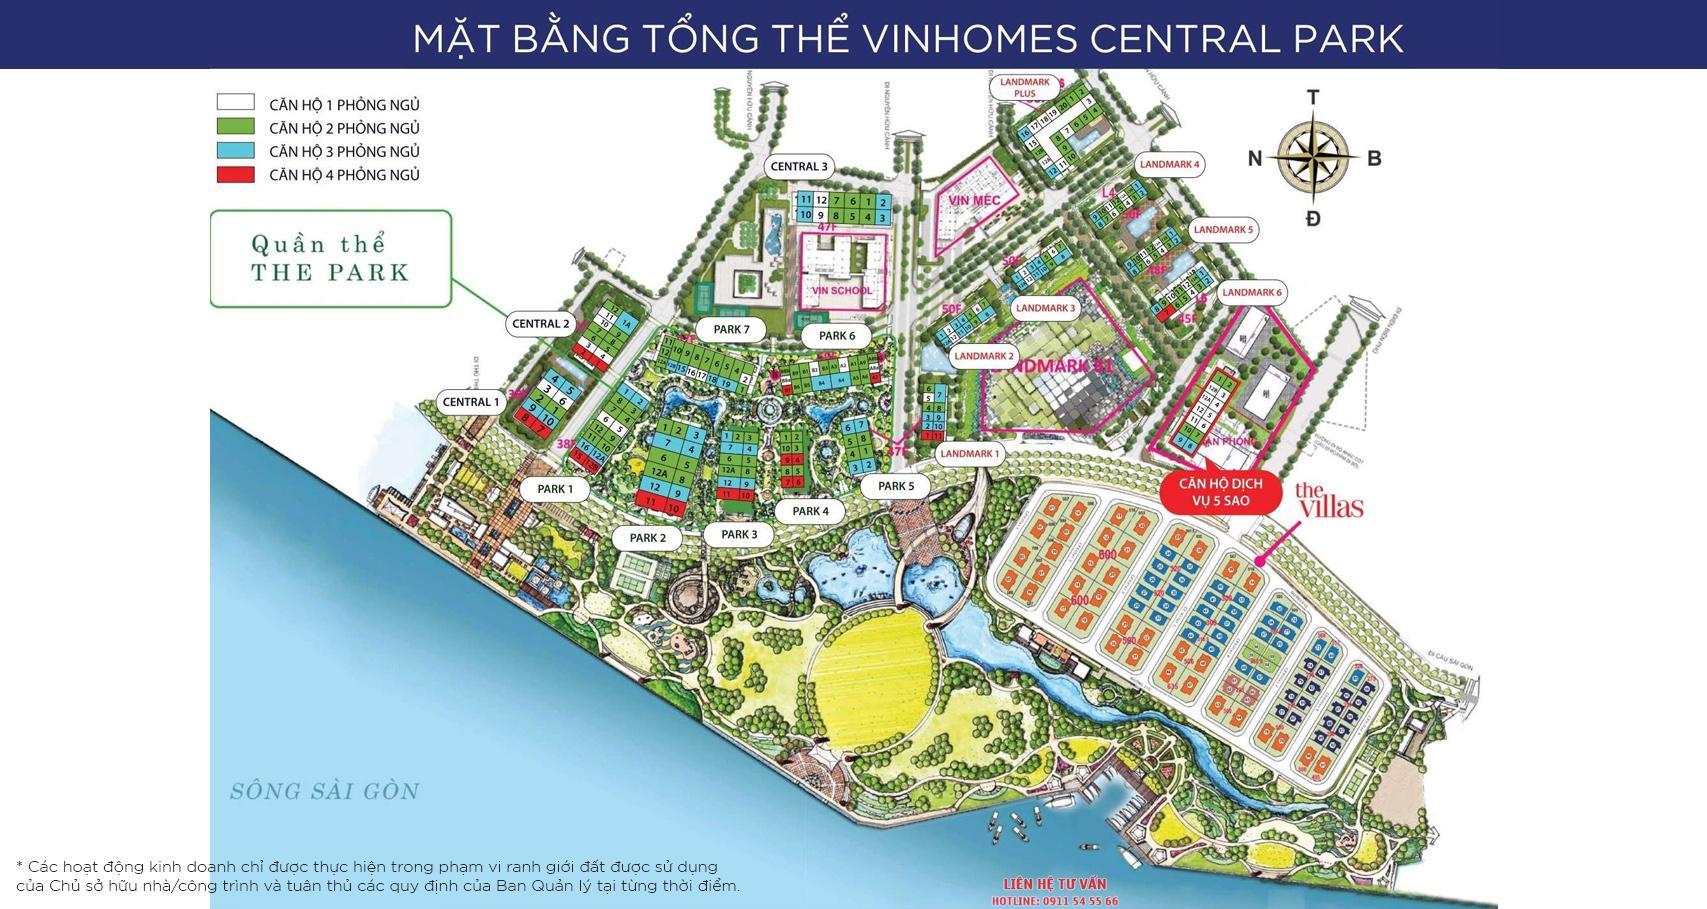 Hinh anh mat bang Vinhomes Central Park